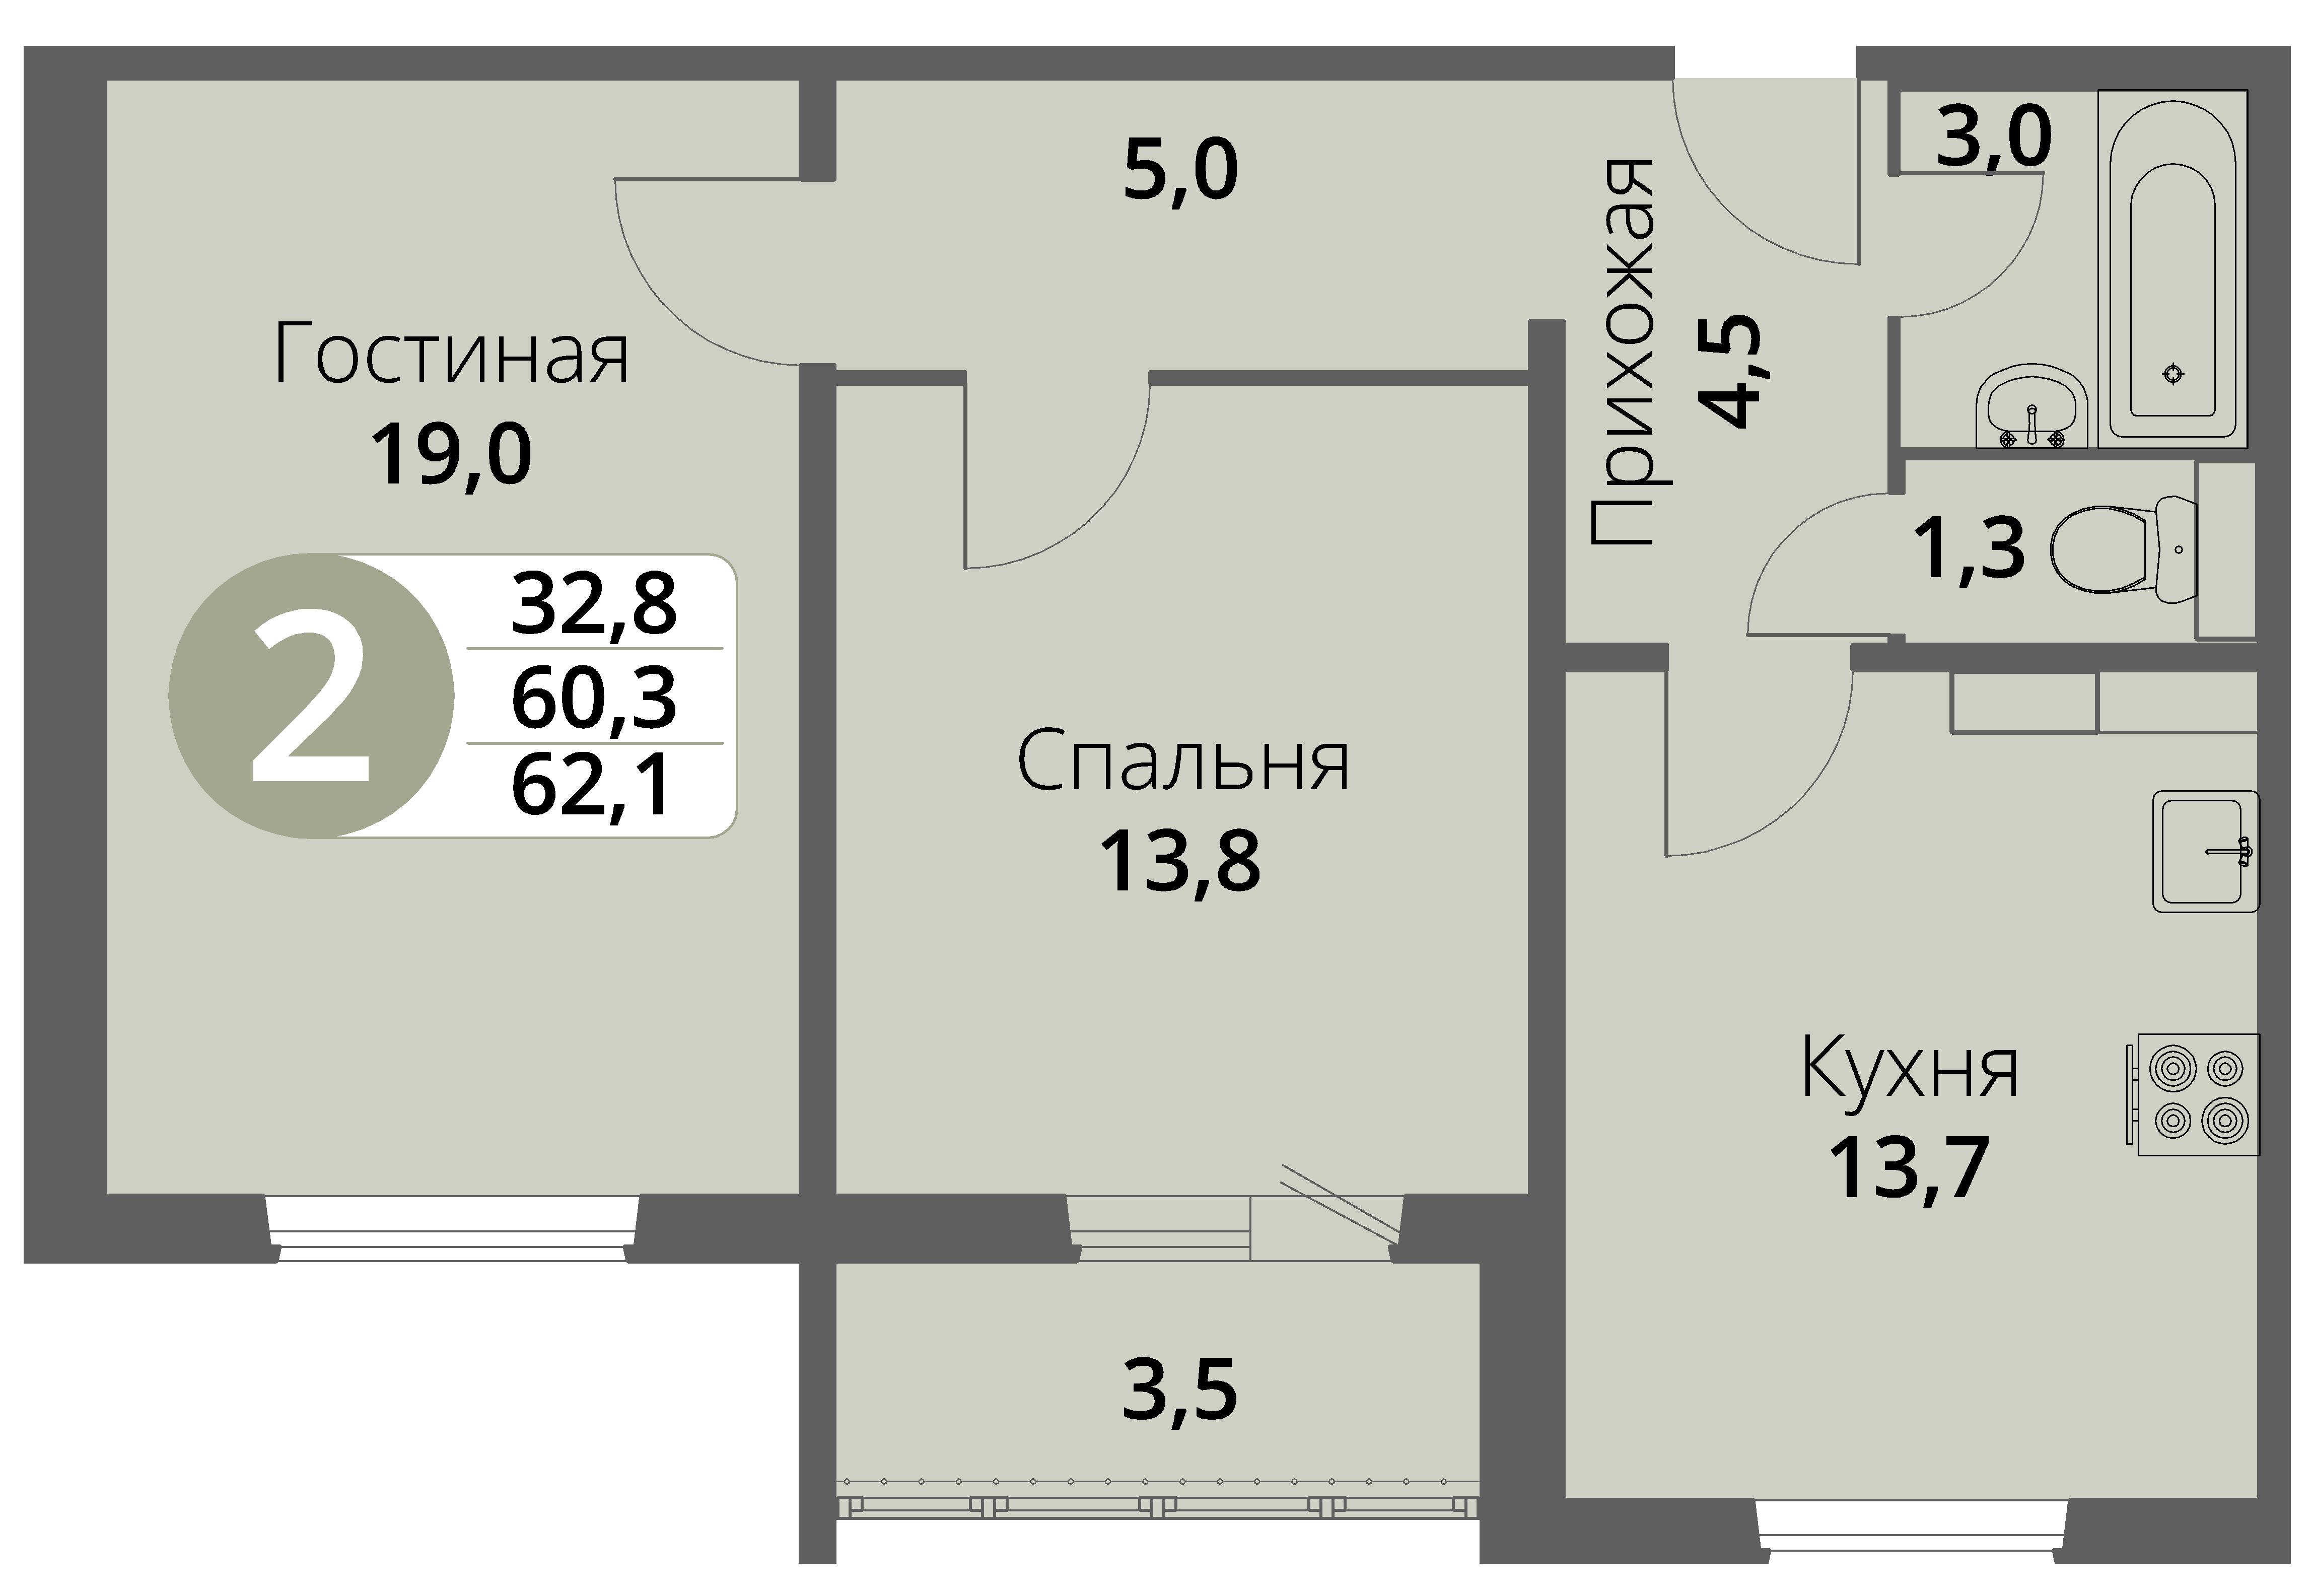 Зареченская 1-1, квартира 144 - Двухкомнатная